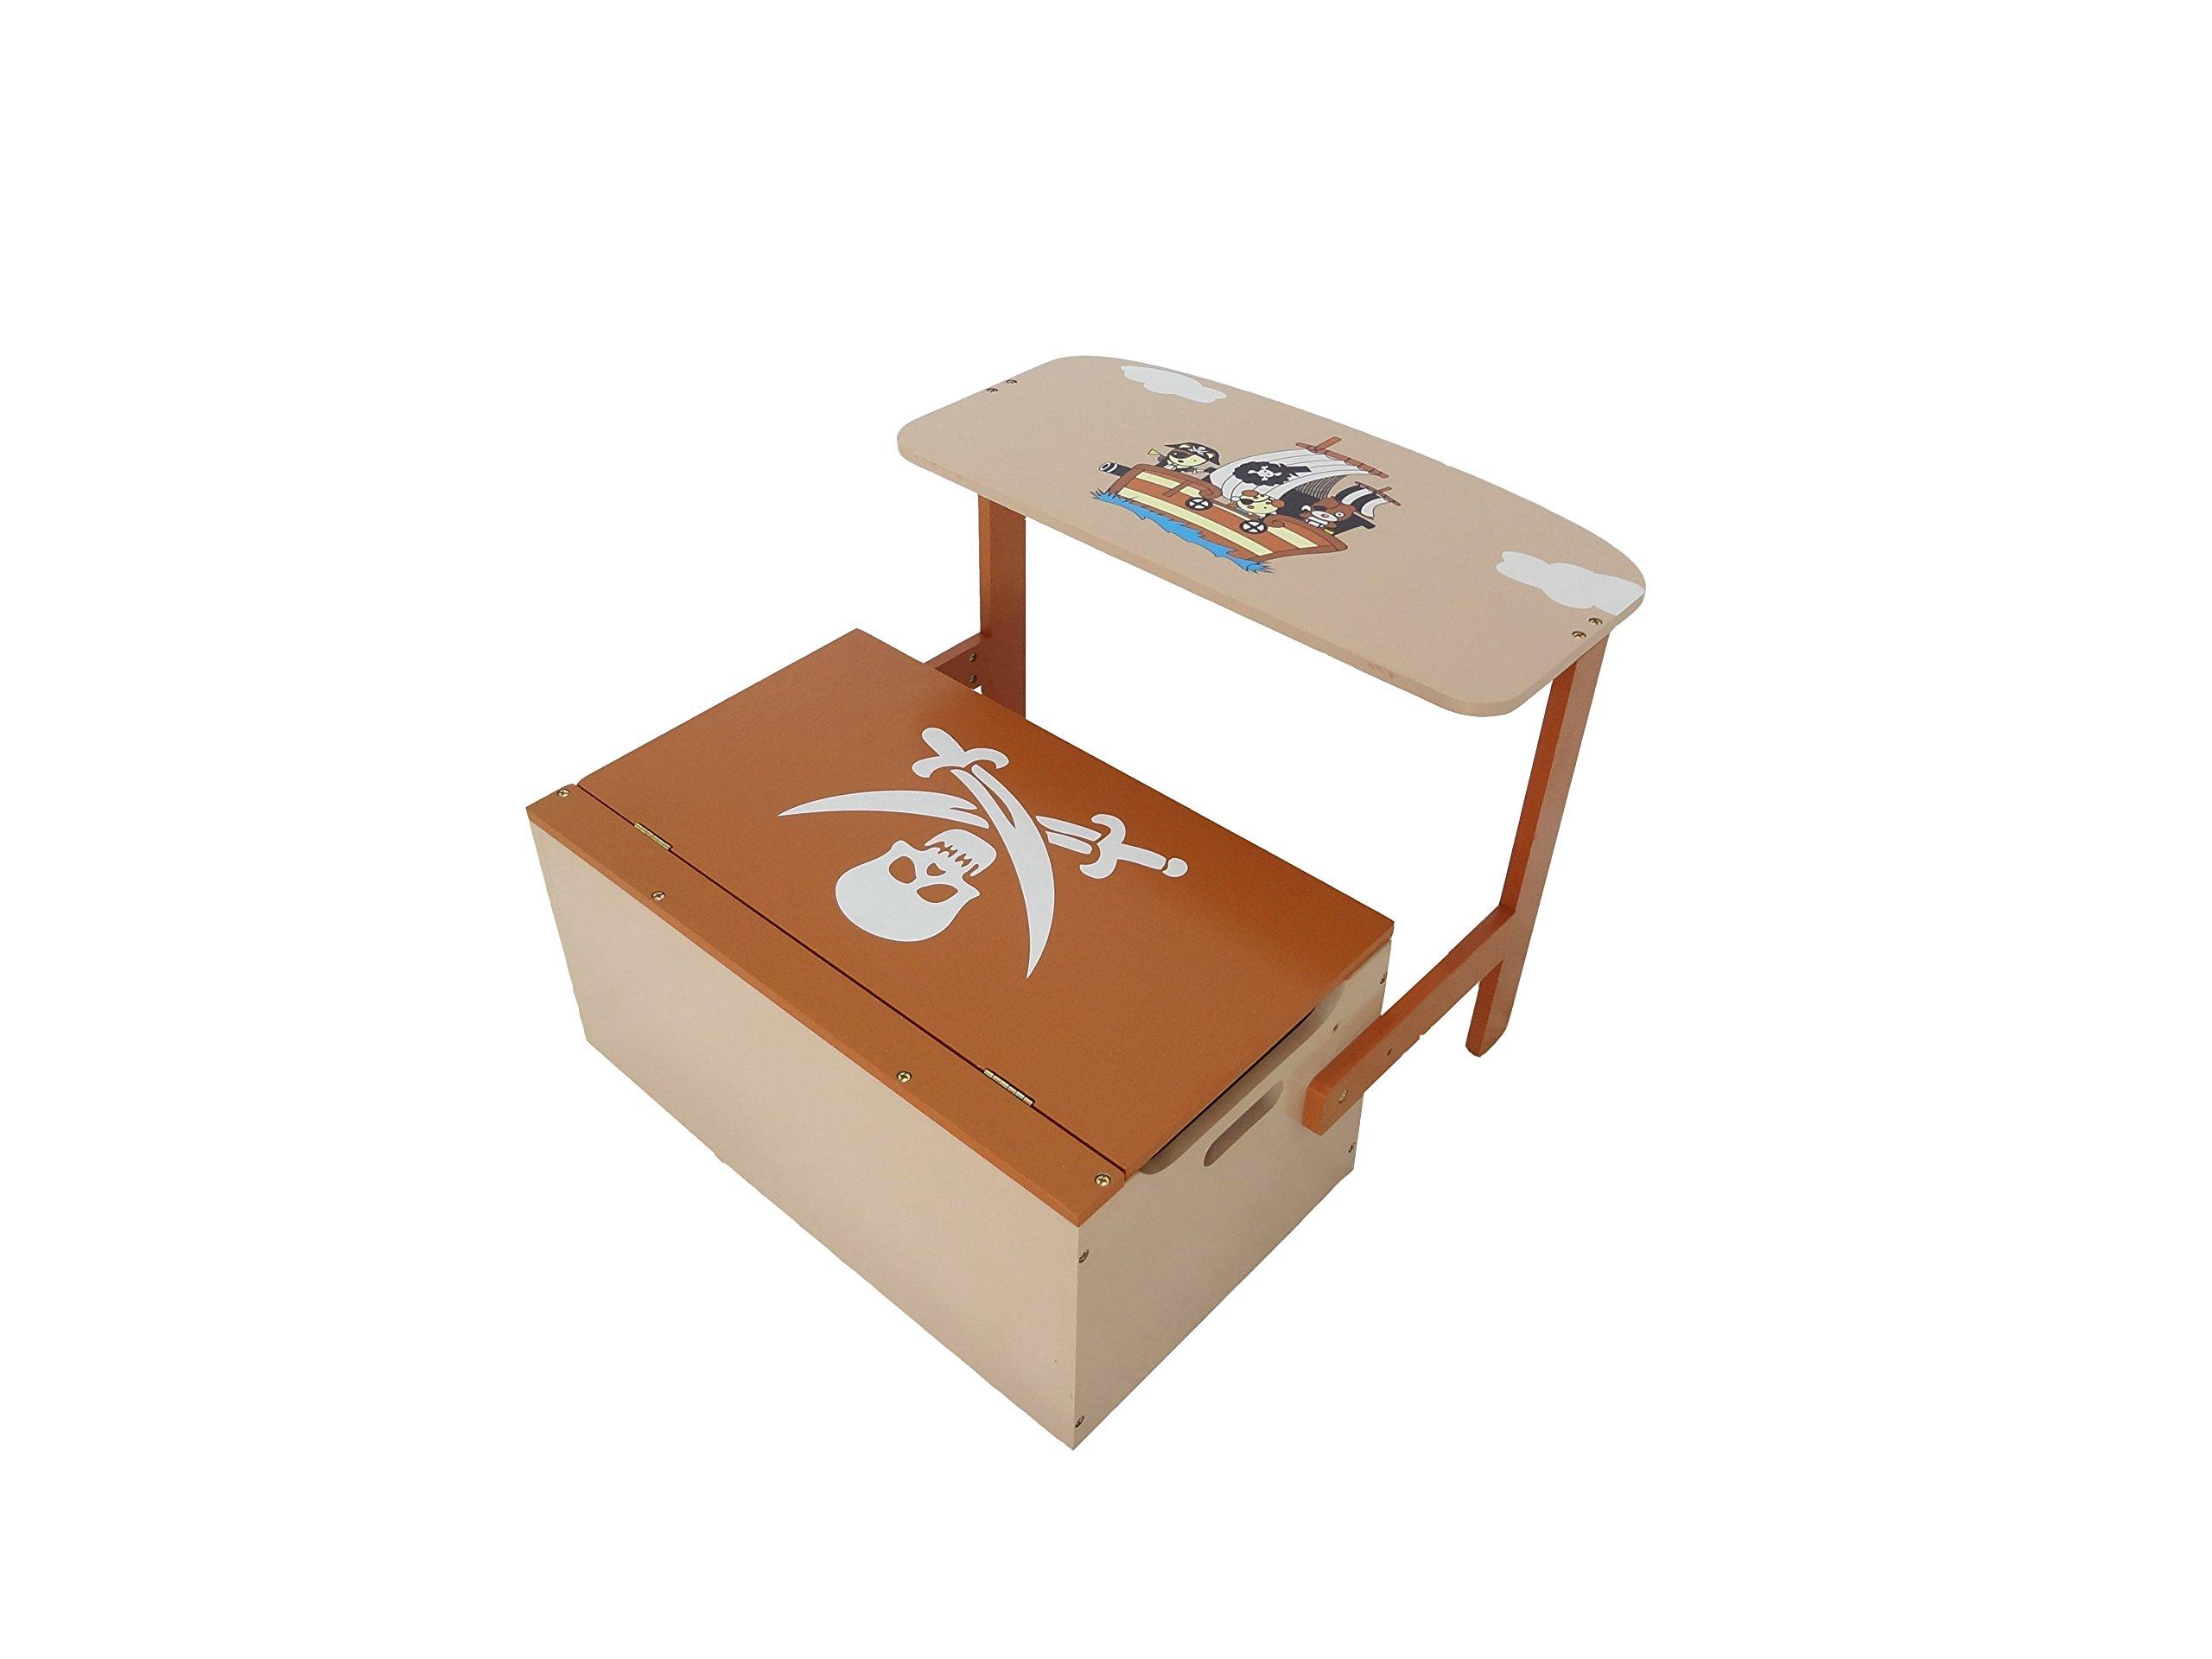 Cassapanca Legno Per Bambini.Kiddi Style Pirata Cassapanca Porta Giocattoli Convertibile Panca In Tavolo Con Sedia Per Bambini In Legno